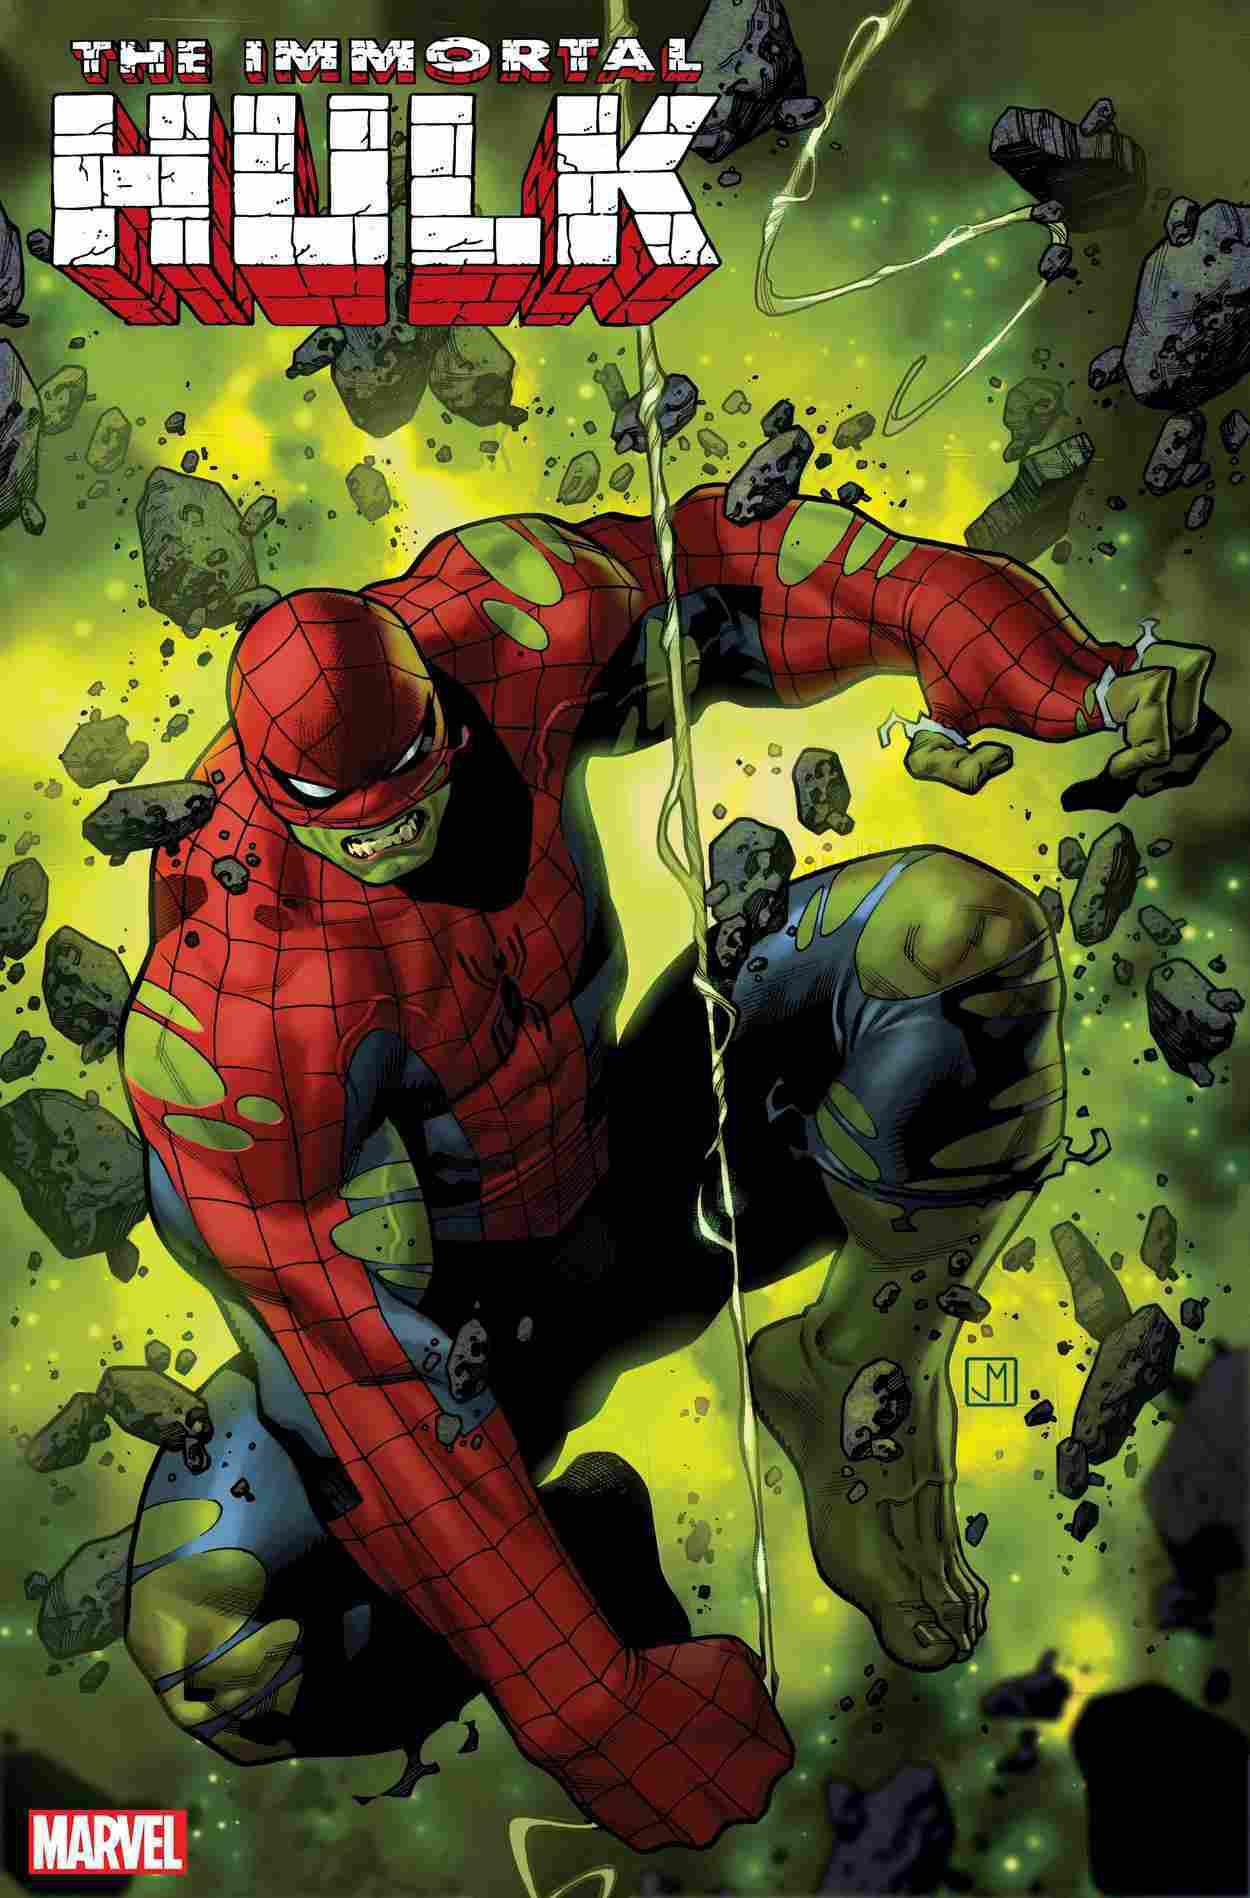 peter parker devient spider-hulk